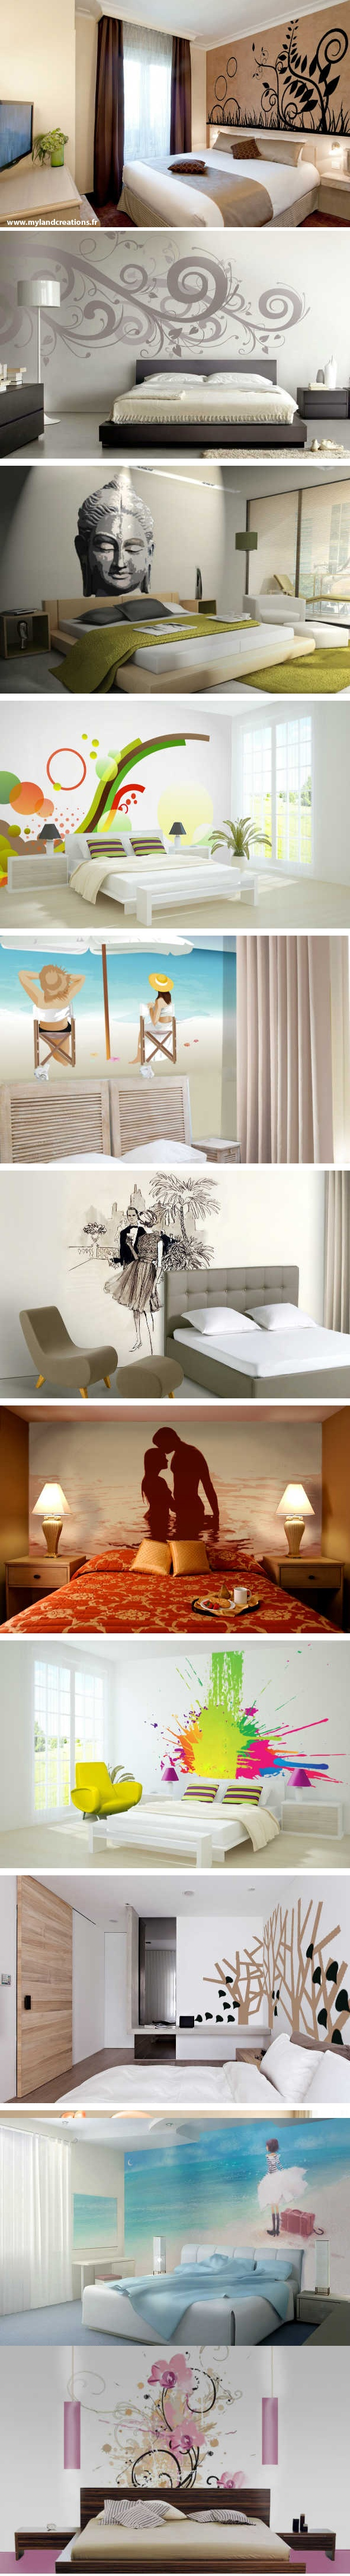 Projets de murs peints pour décorer des chambres, soit pour des hôtel, ou bien chez vous. Décoration zen, floral, bord de mer, design, coloré..